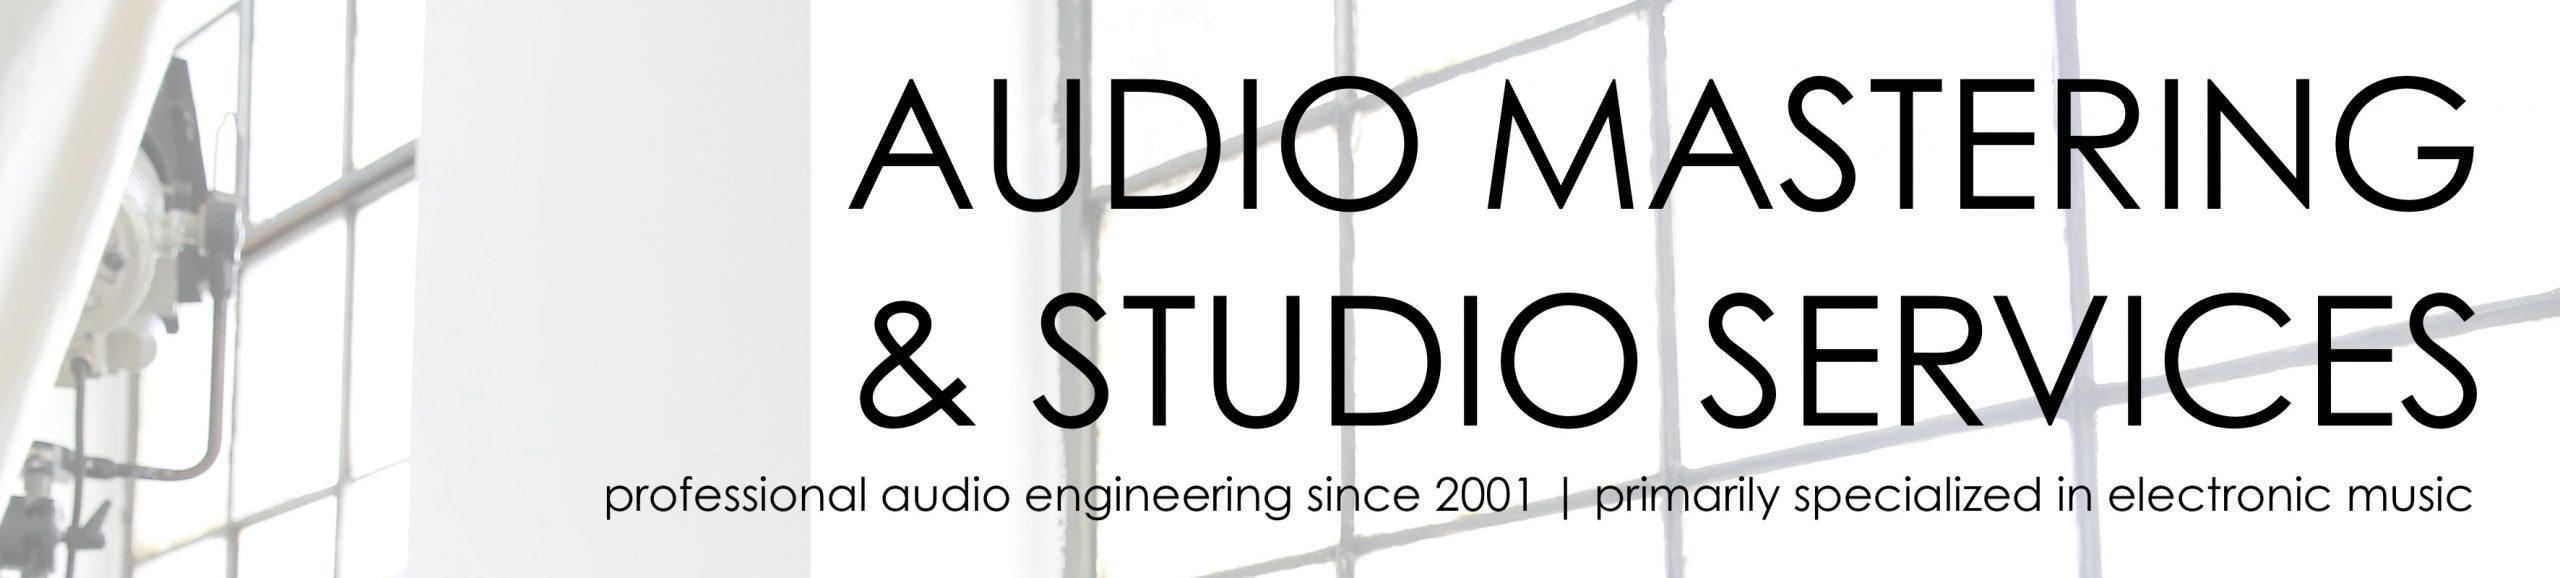 HP_Header audio-mastering